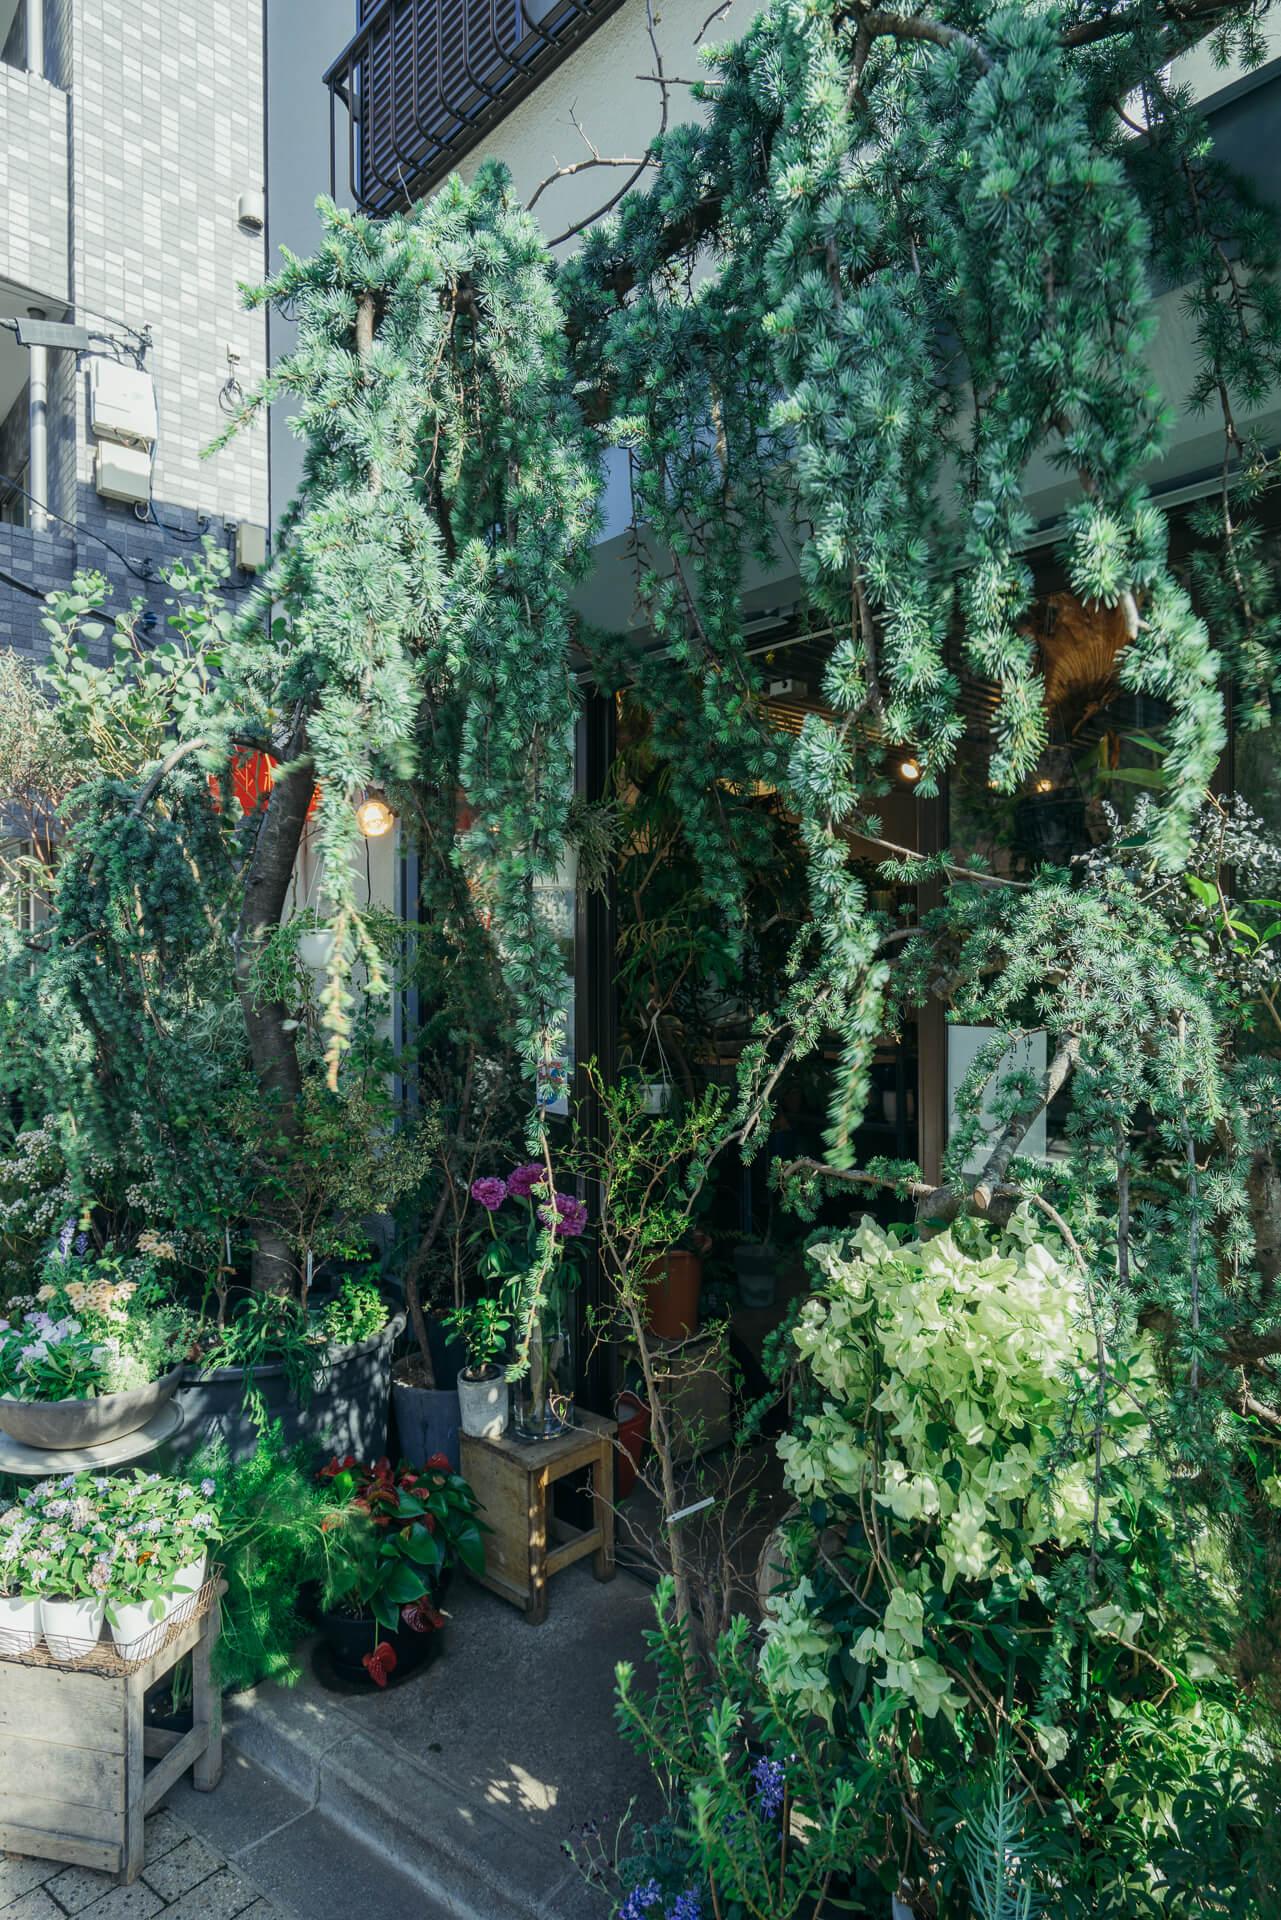 店頭には、お庭に植え込む用の木もたくさん並びます。しだれる姿が印象的な大きな木は、セドラス・アトランティカ・グラウカ・ペンデューラ。この木を見て、「これがほしい」とやってくる方もいる、シンボル的な存在になっています。